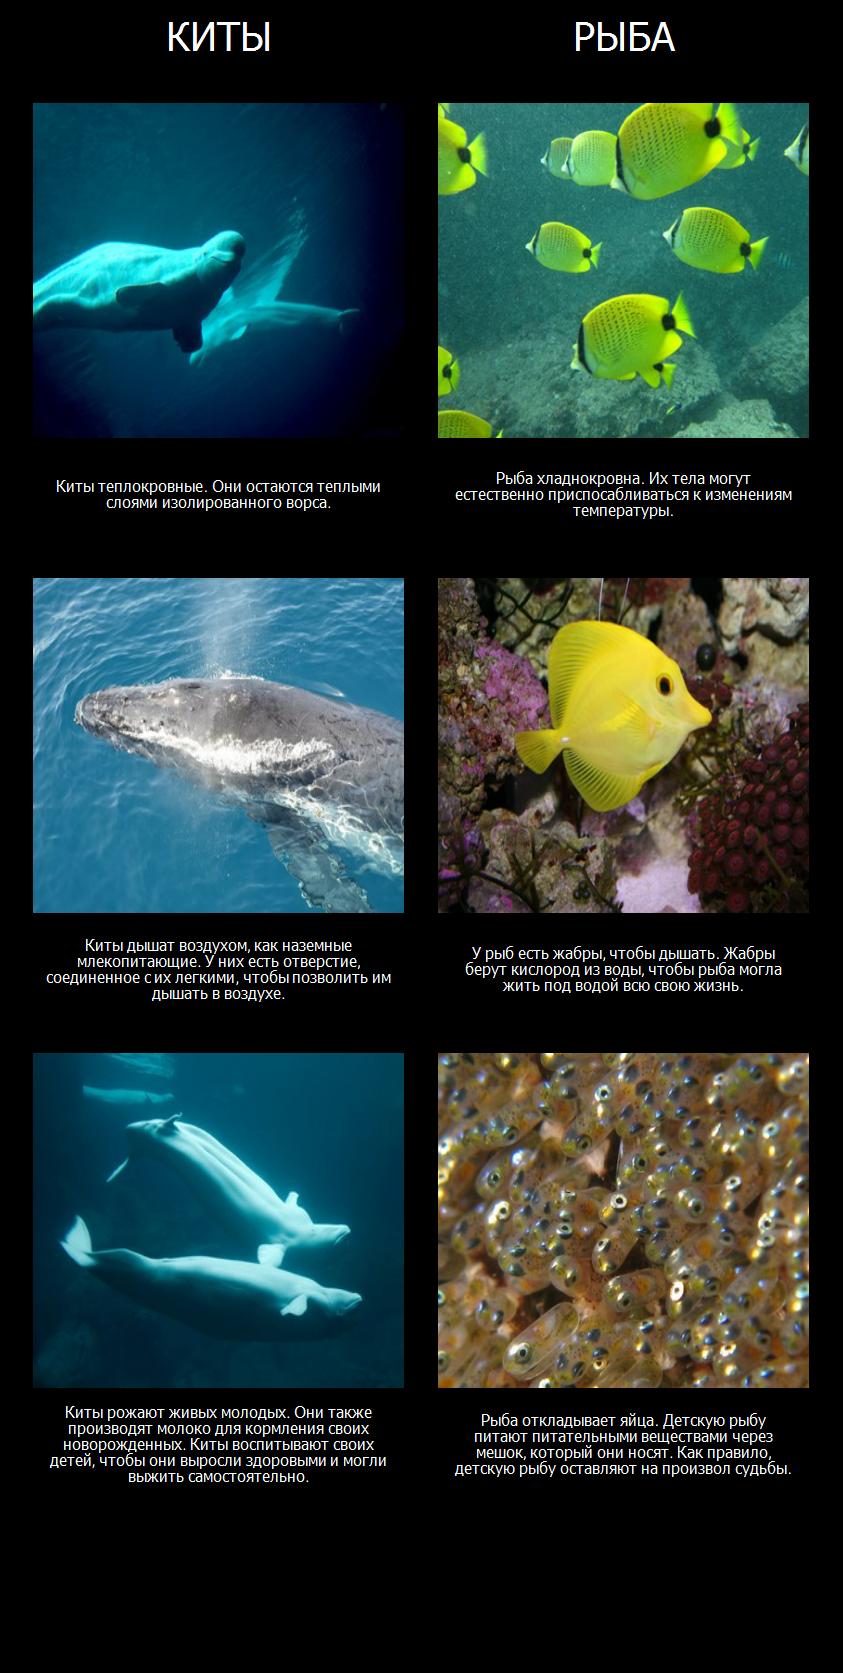 Амос и Борис - Морские Млекопитающие Против Рыбы